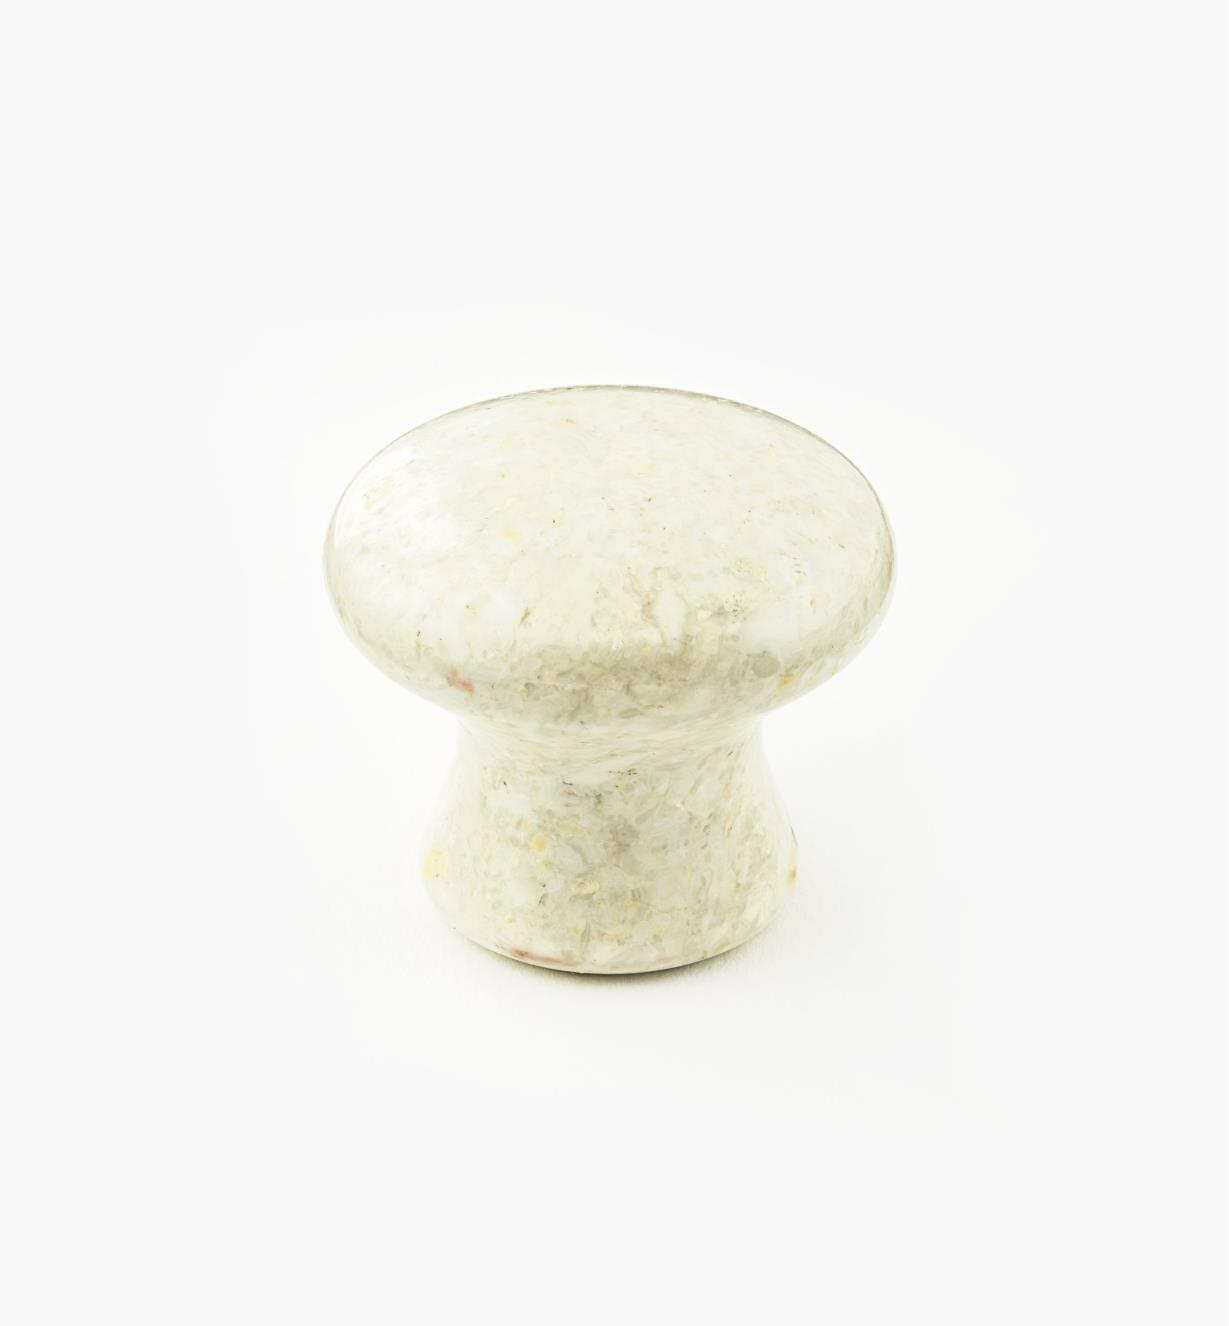 00W4052 - Bouton en marbre, sable, 34 mm x 30 mm